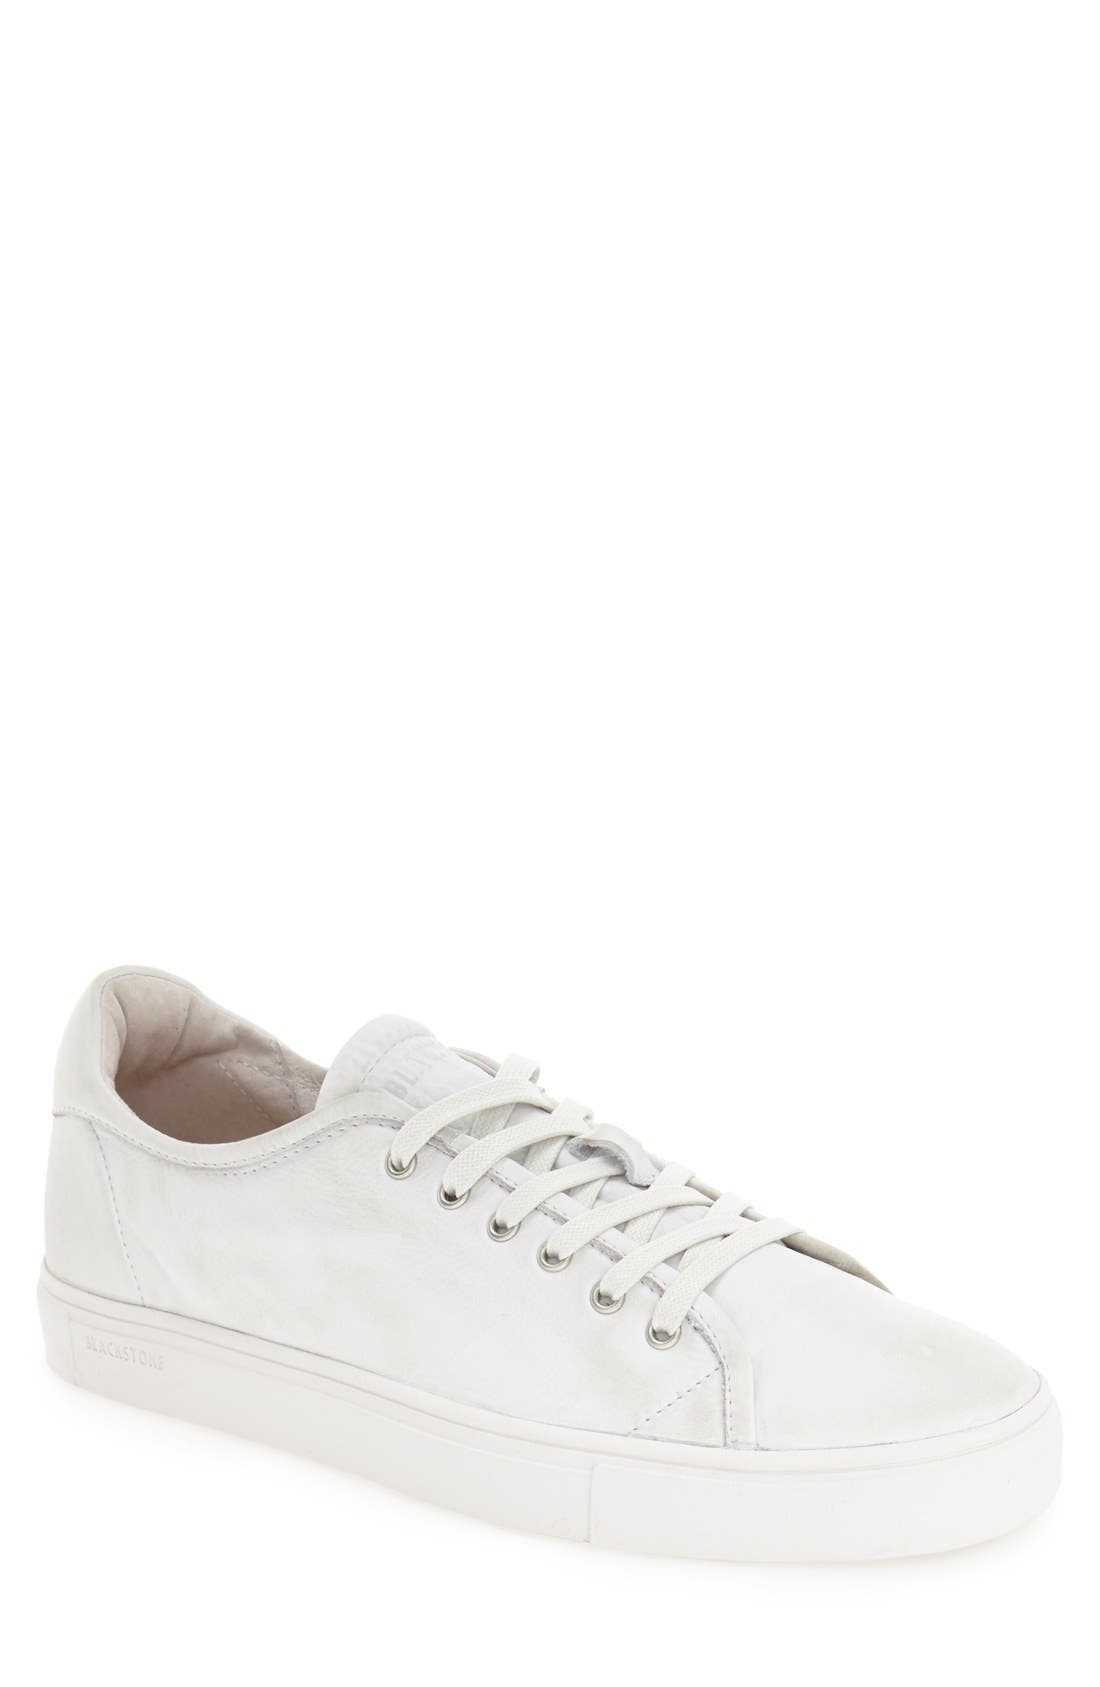 Blacktone 'LM24' Sneaker,                         Main,                         color, White